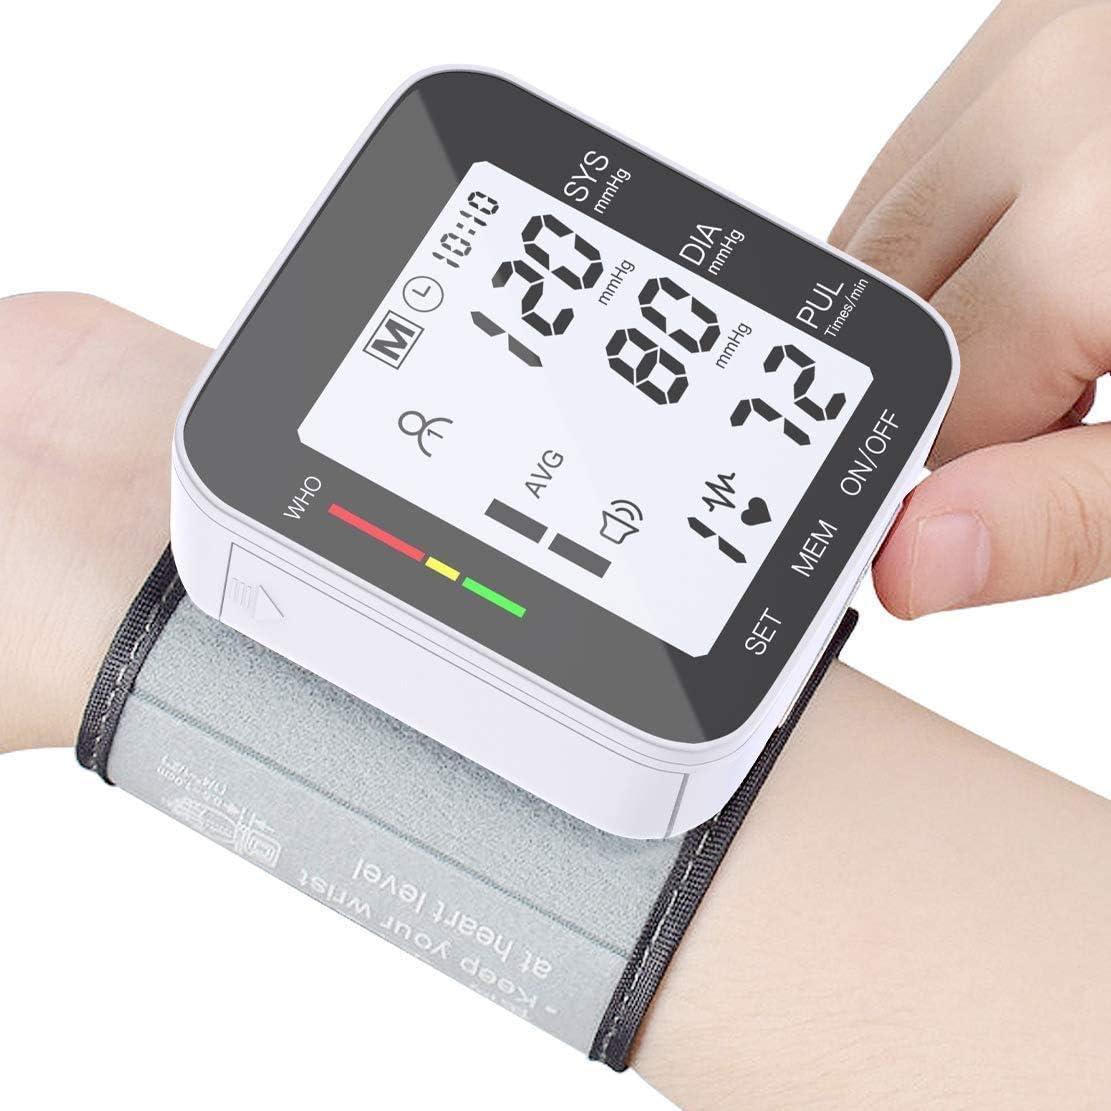 Columbus Charlotte Mall Mall Blood Pressure Monitor Automatic High Monit Wrist